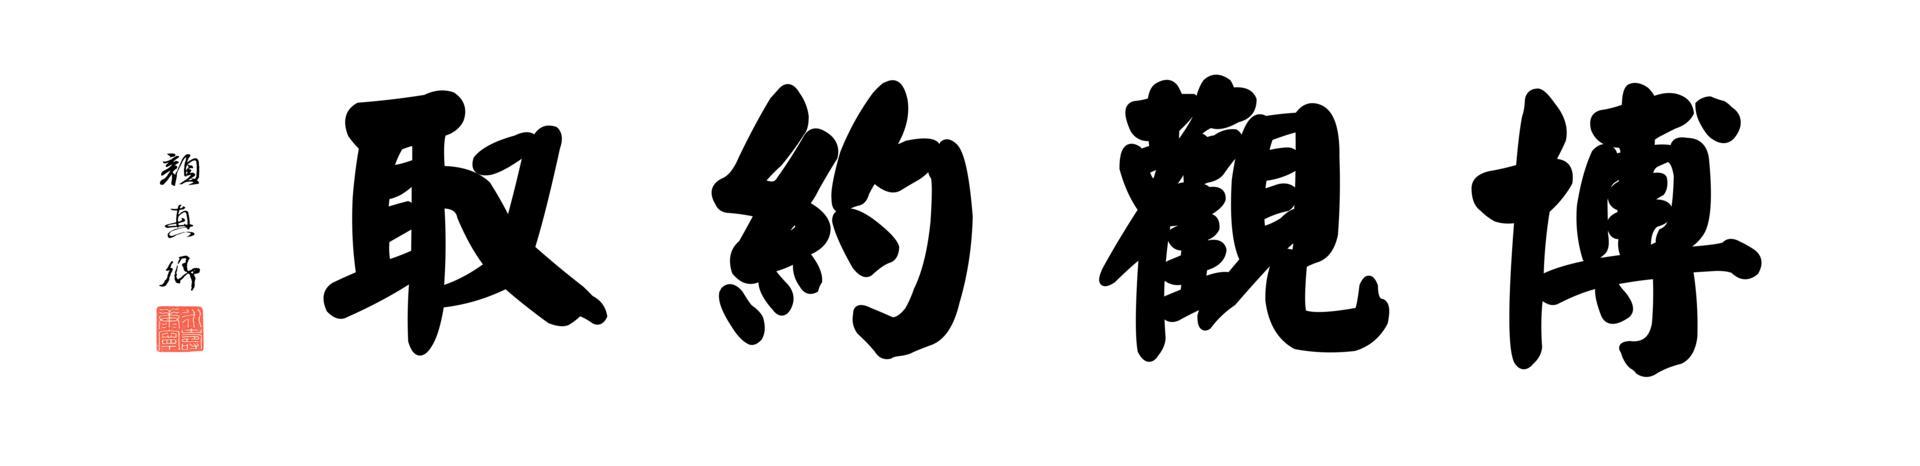 0007_颜真卿大楷数字书法-四字横幅博观约取136x33cm_21417x5197PX_TIF_400DPI_326_0